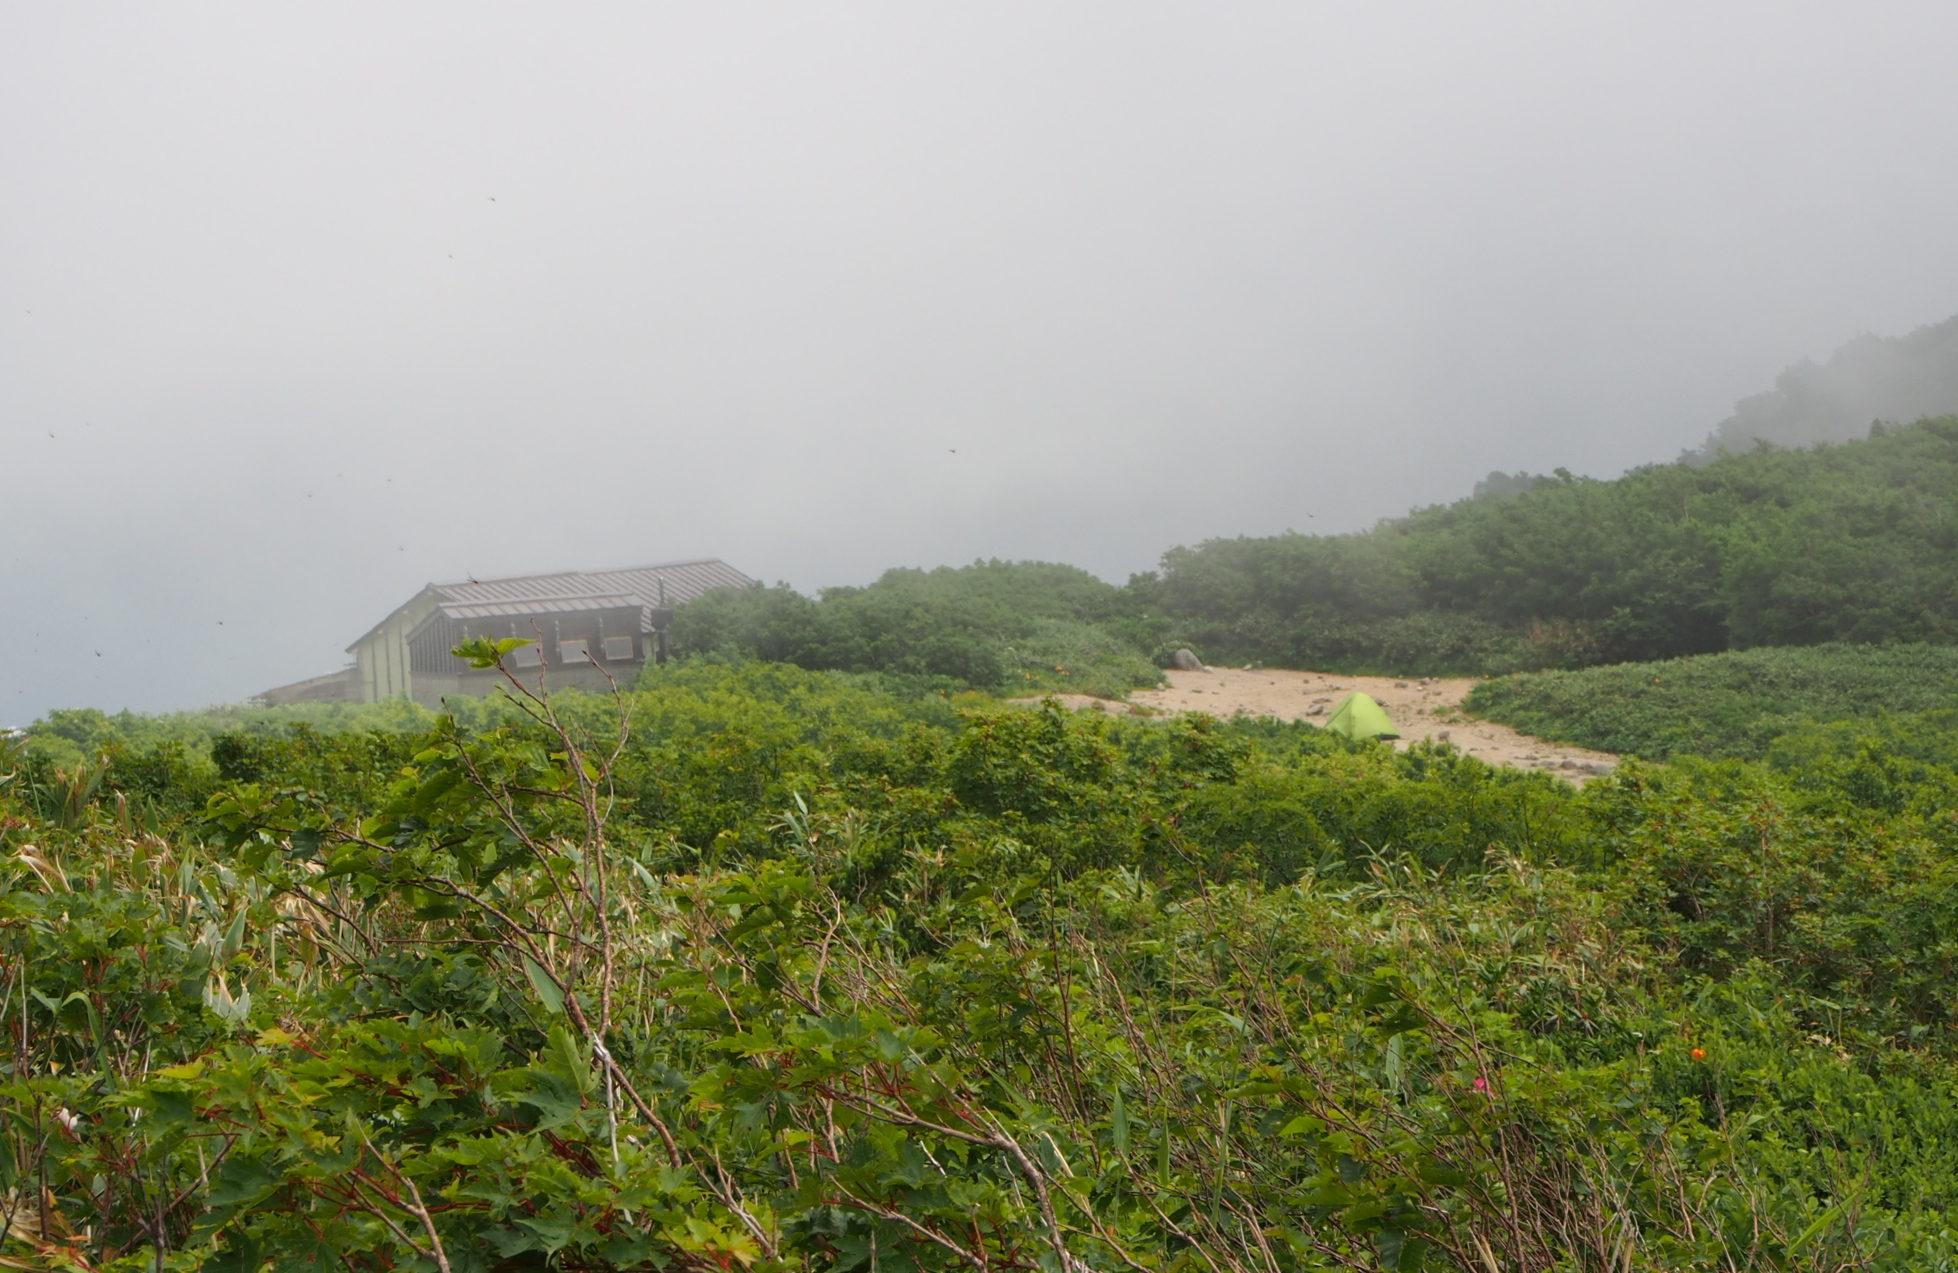 切合小屋とテント場